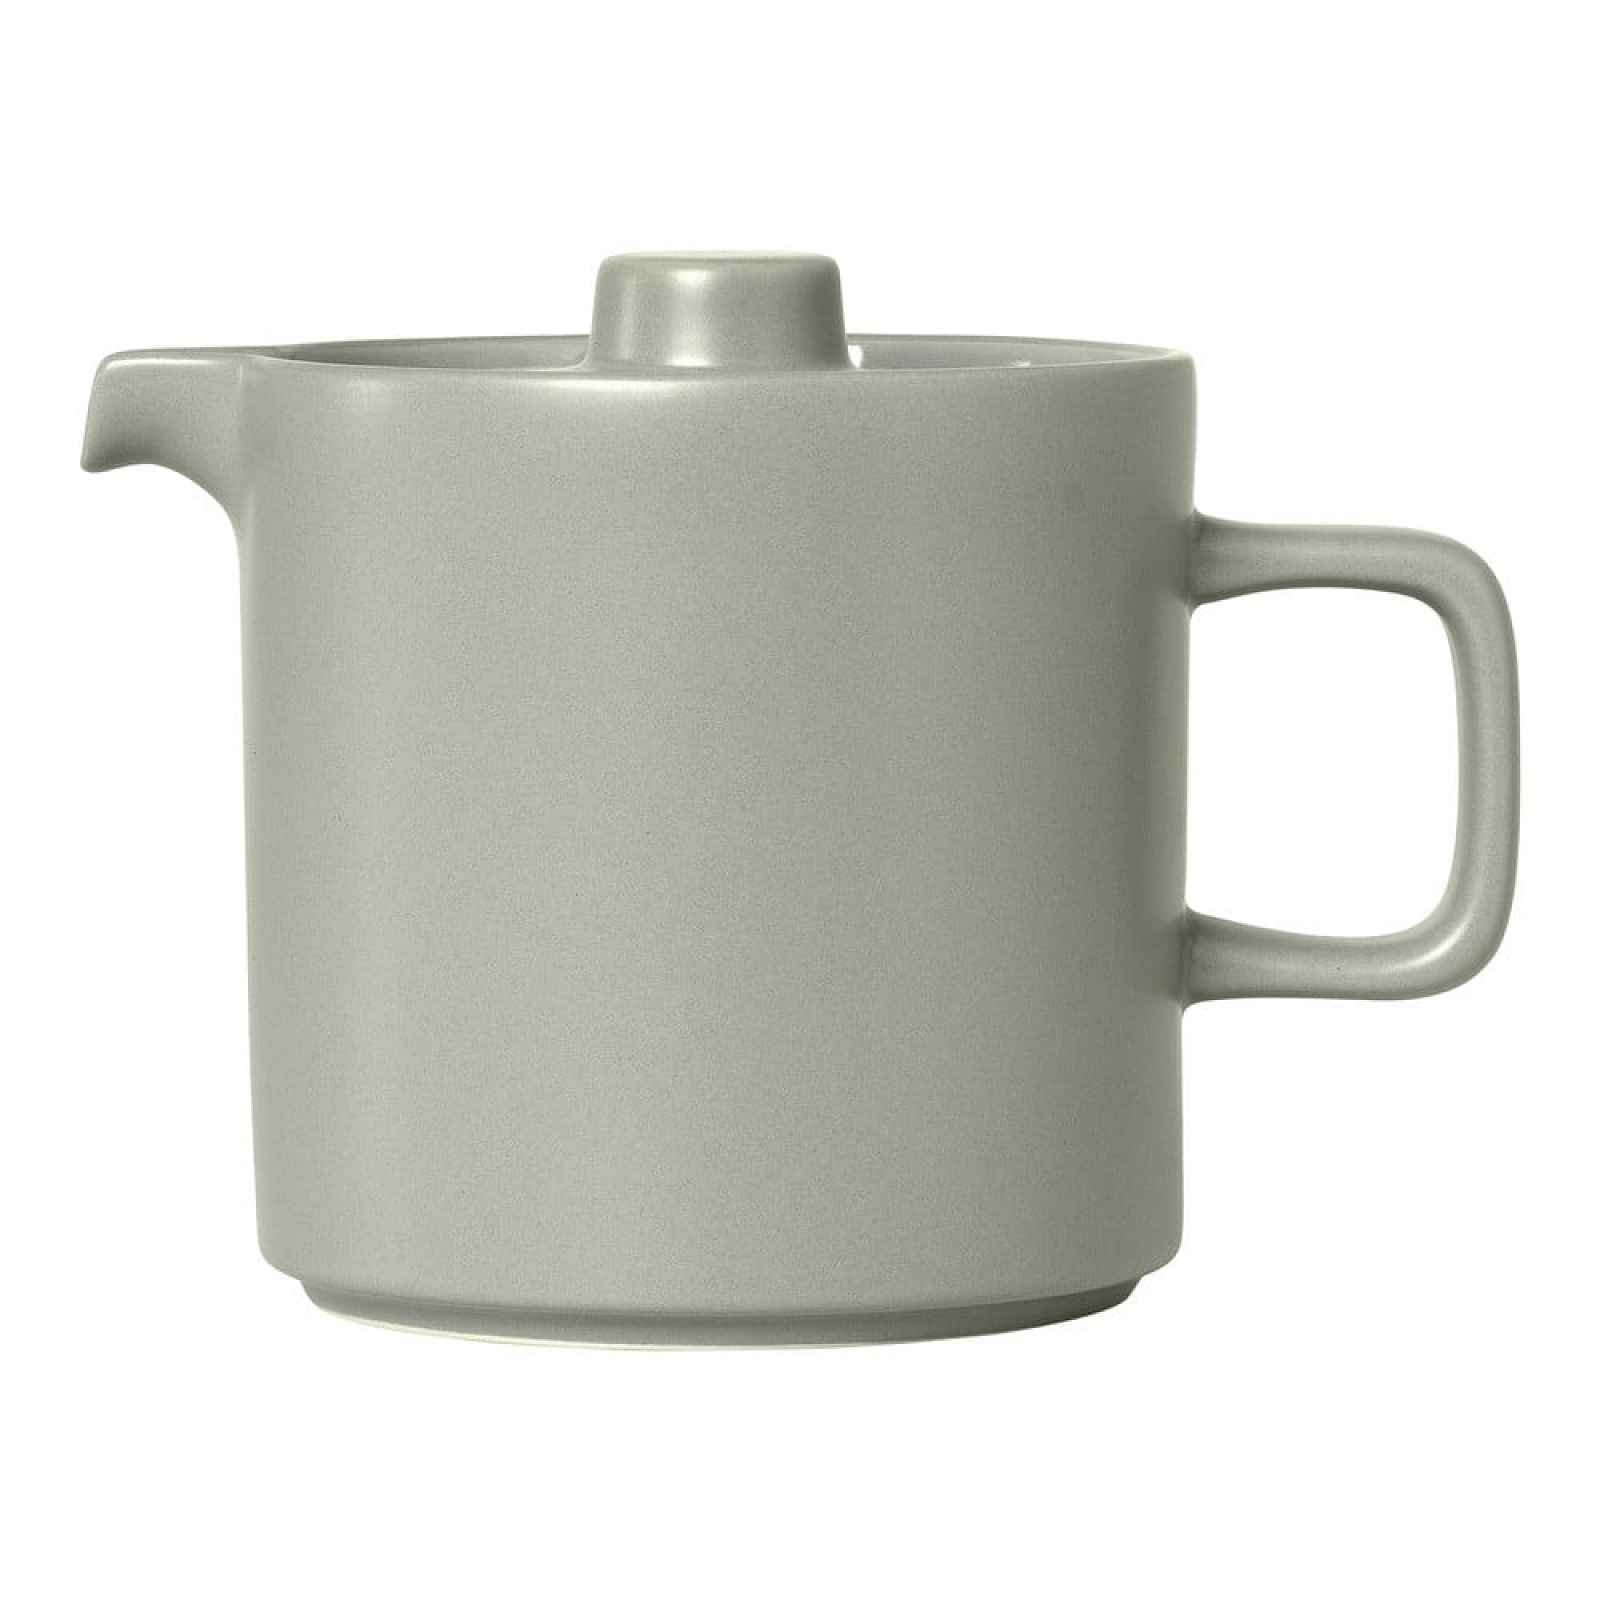 Světle šedá keramická čajová konvice Blomus Pilar,1l